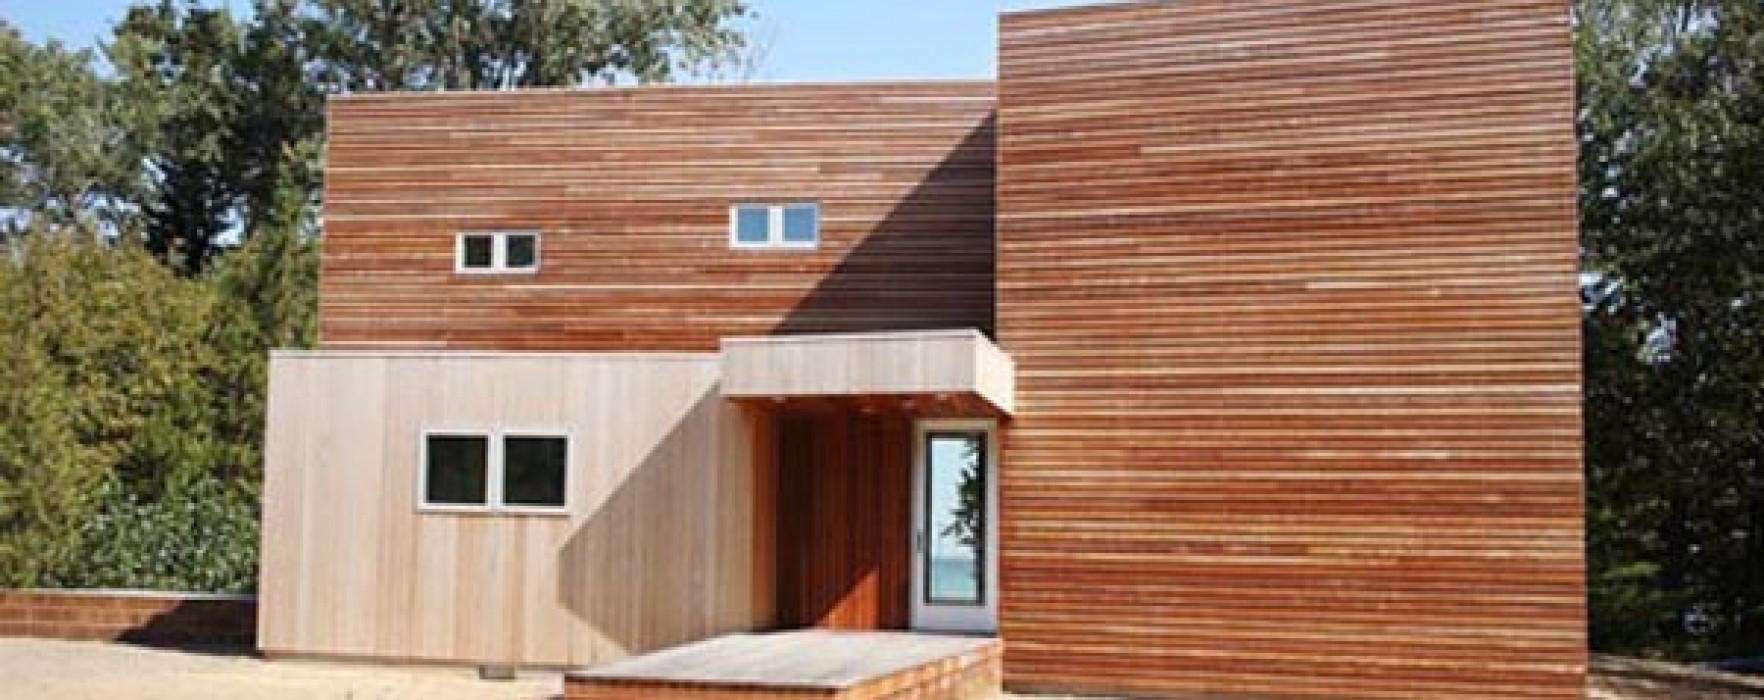 Il prezzo di una moderna abitazione in bioedilizia for Prezzo casa in legno